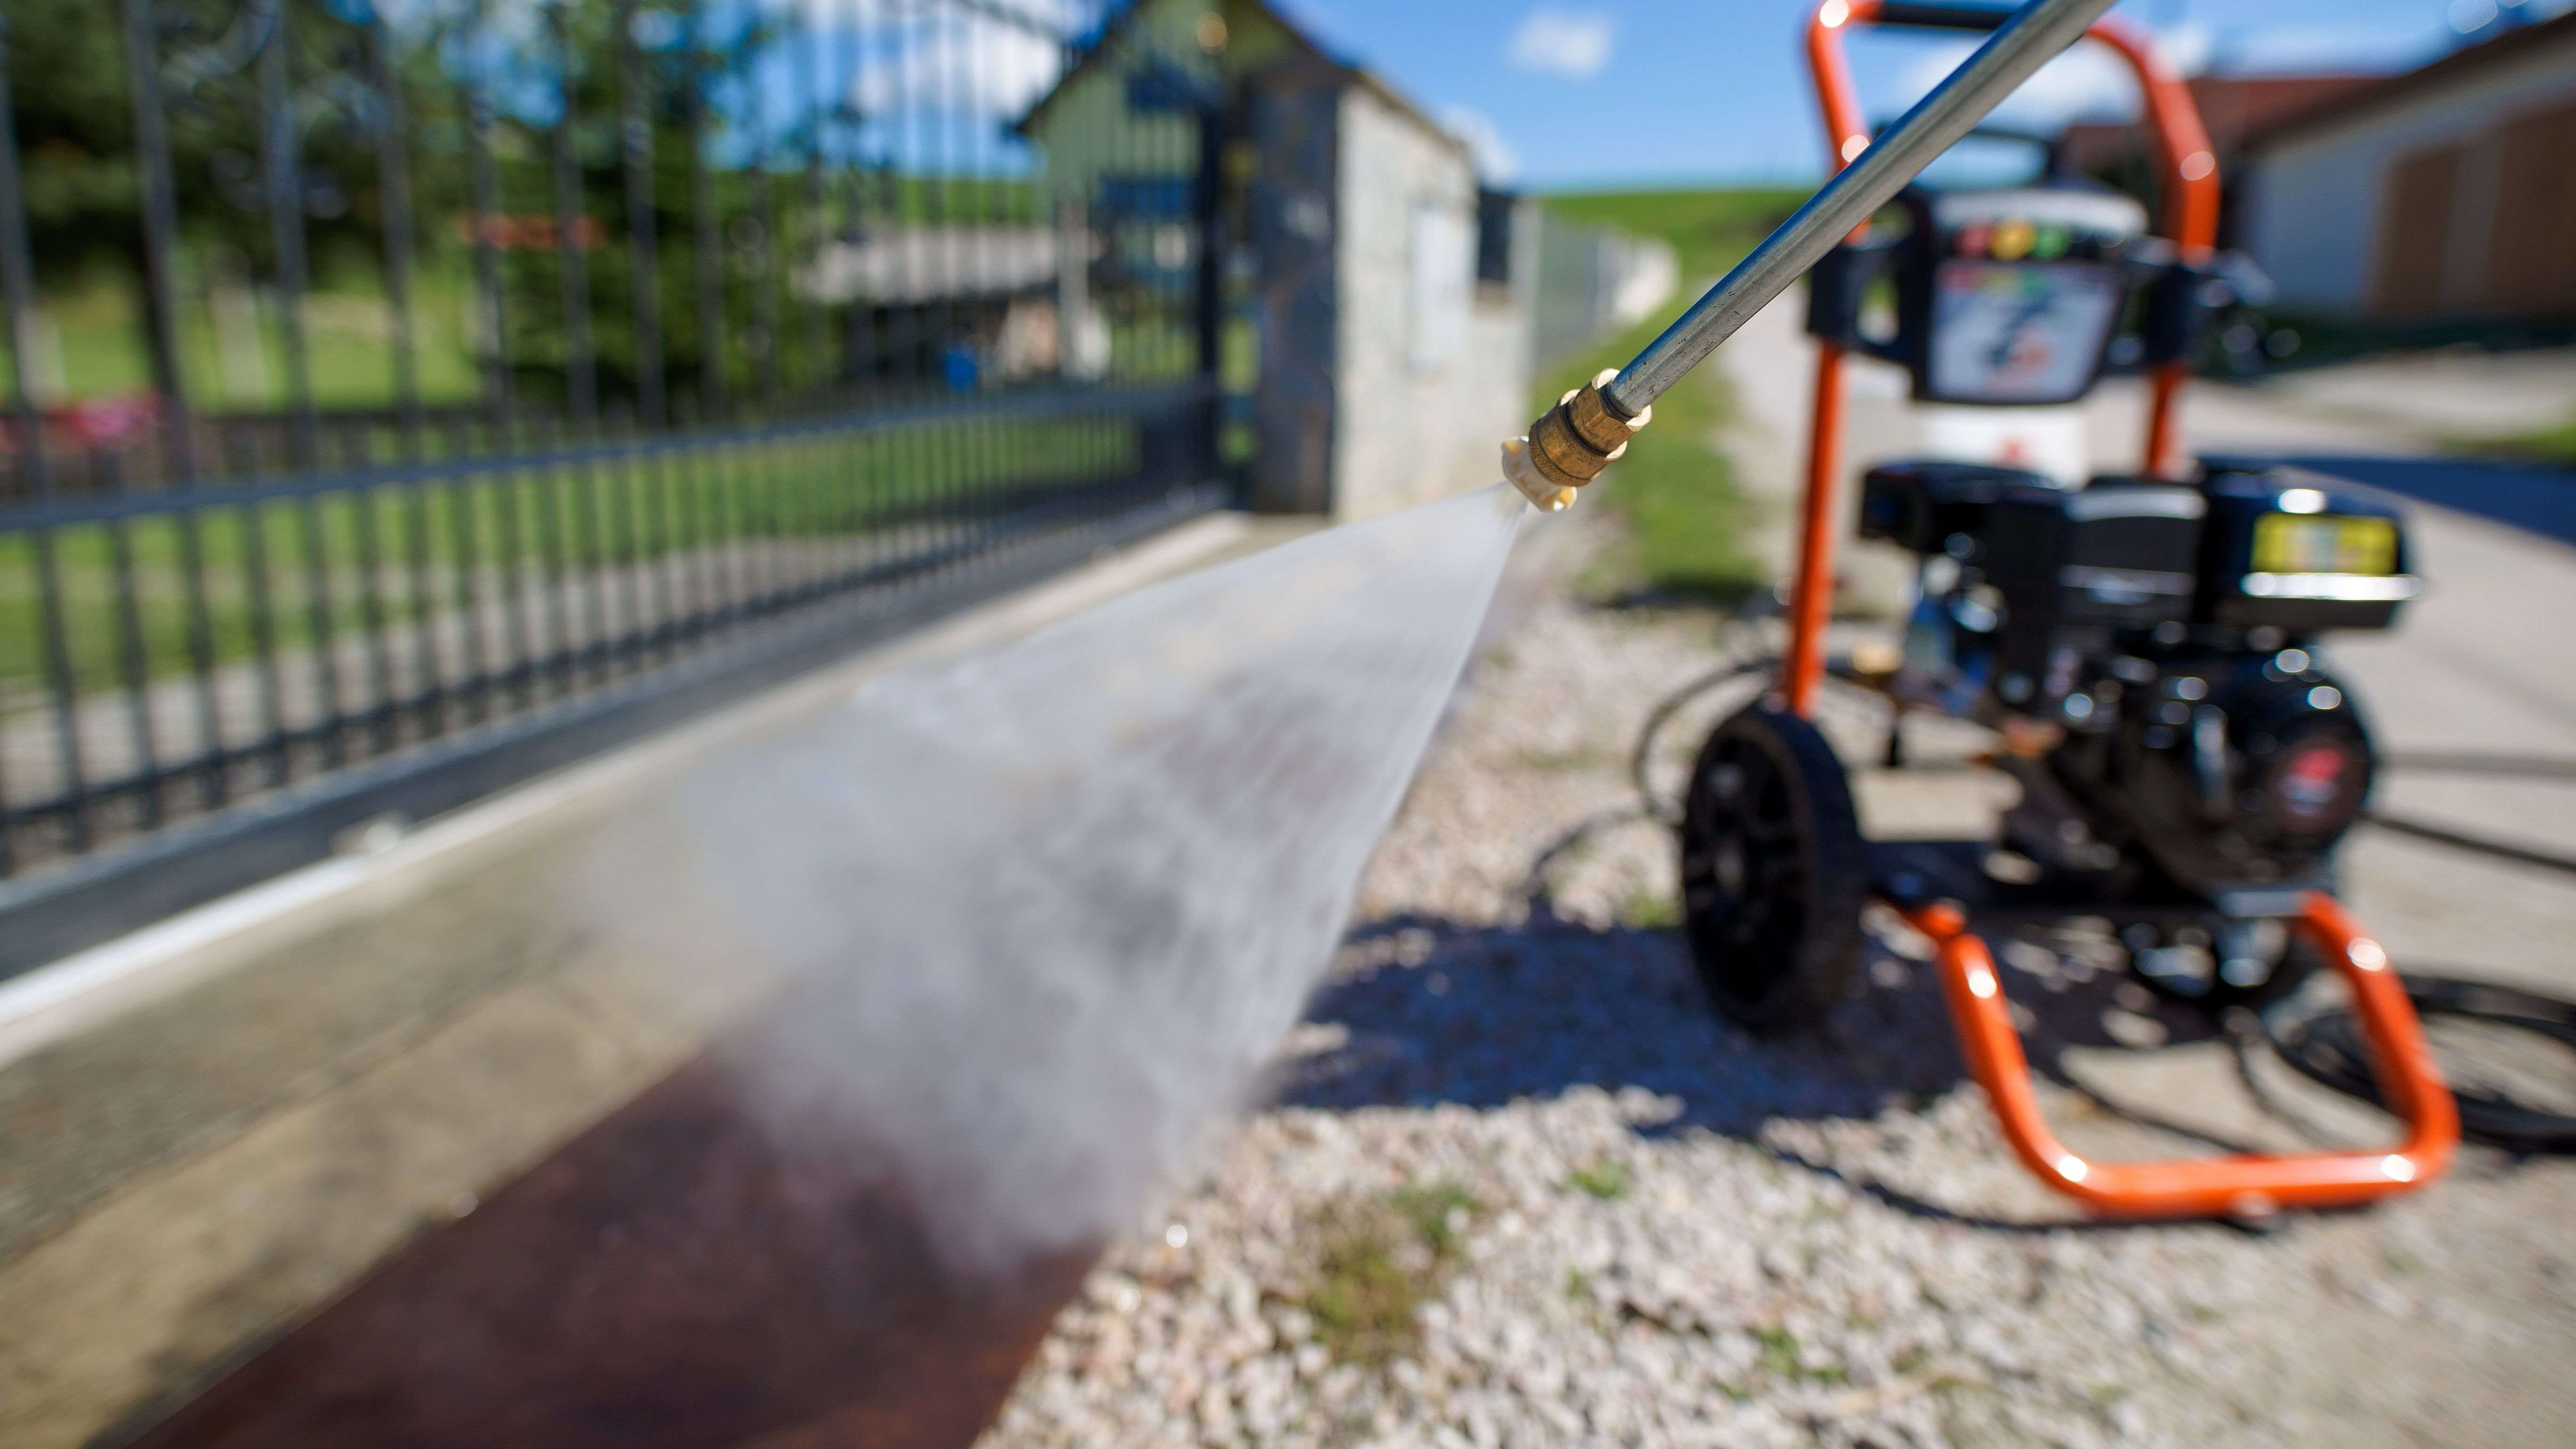 Come scegliere un'idropulitrice ad alta pressione